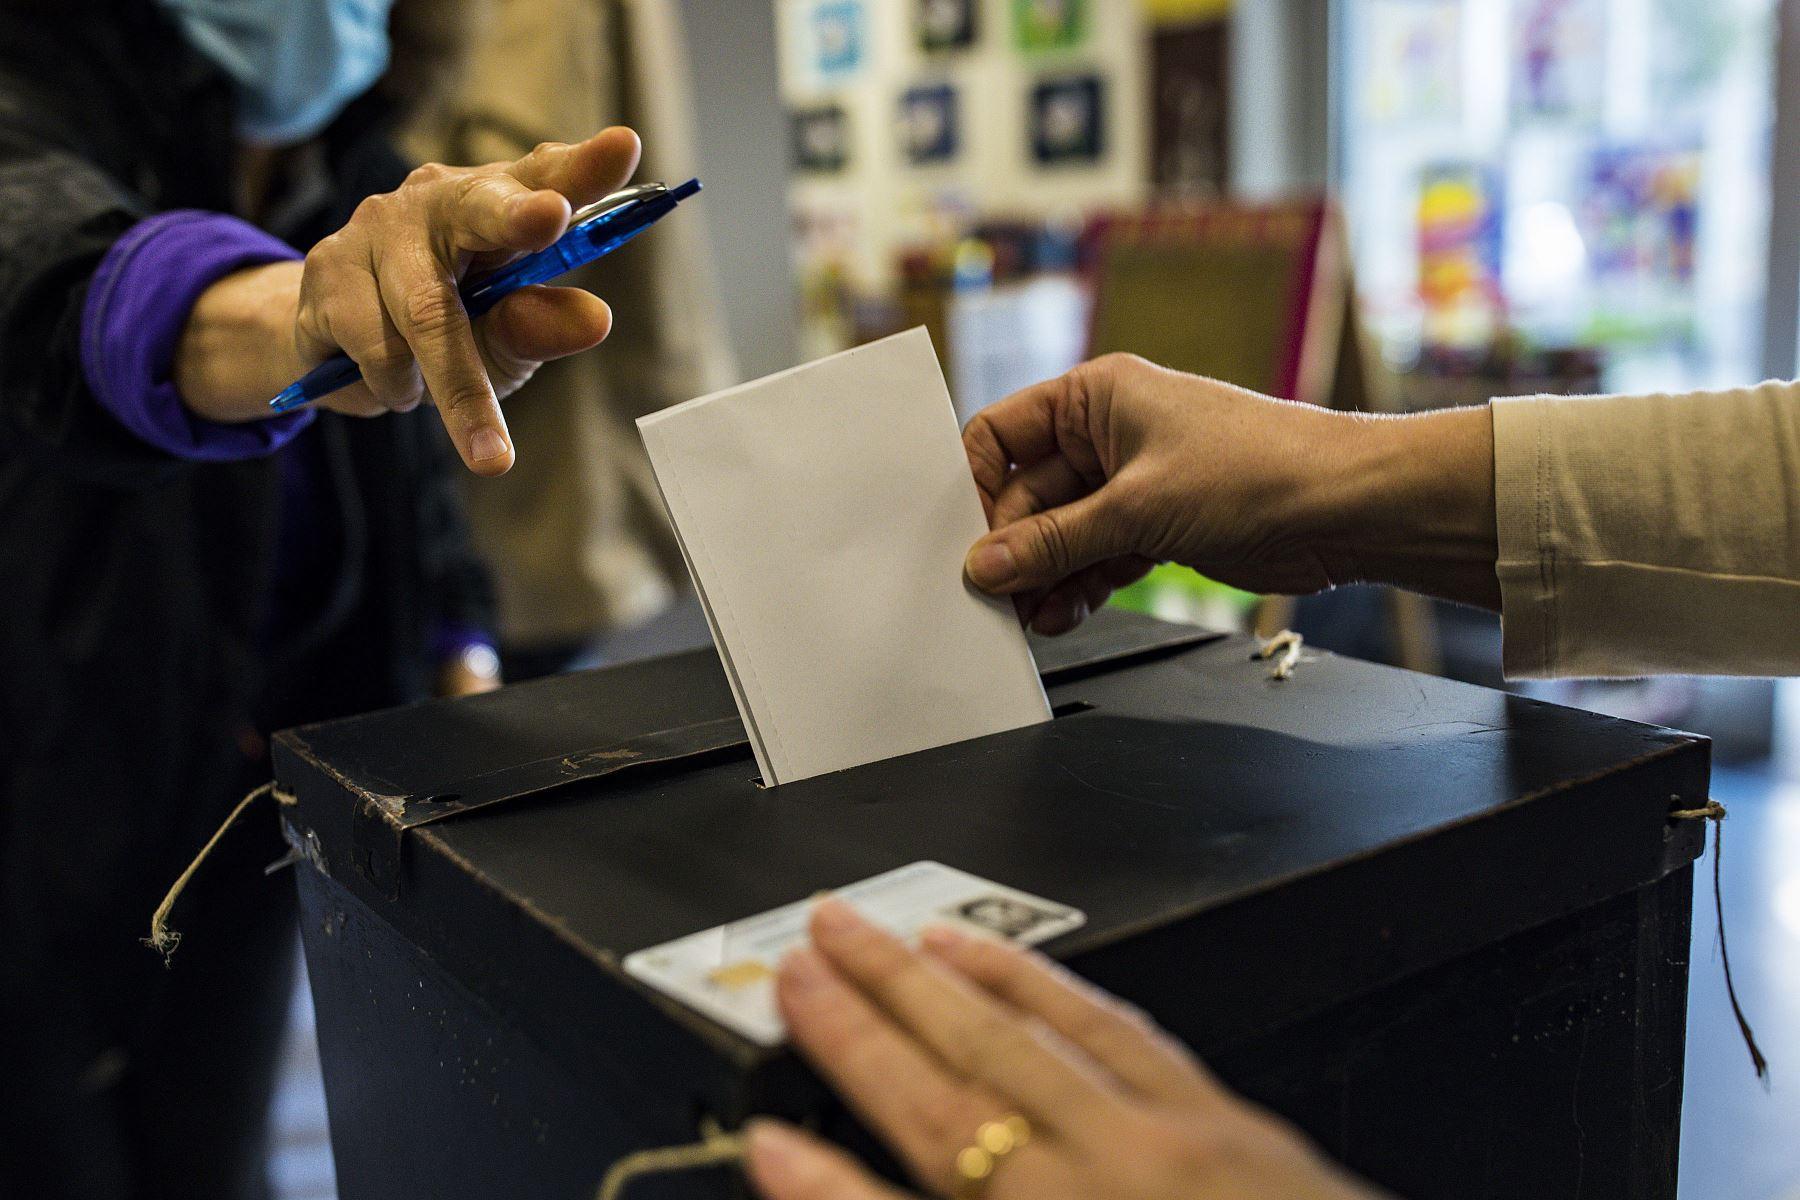 Una votante emite su voto para las elecciones presidenciales portuguesas en una escuela que se utiliza como centro de votación en el Parque das Nacoes en Lisboa, Portugal está votando a pesar del bloqueo pandémico del país.  Foto: AFP